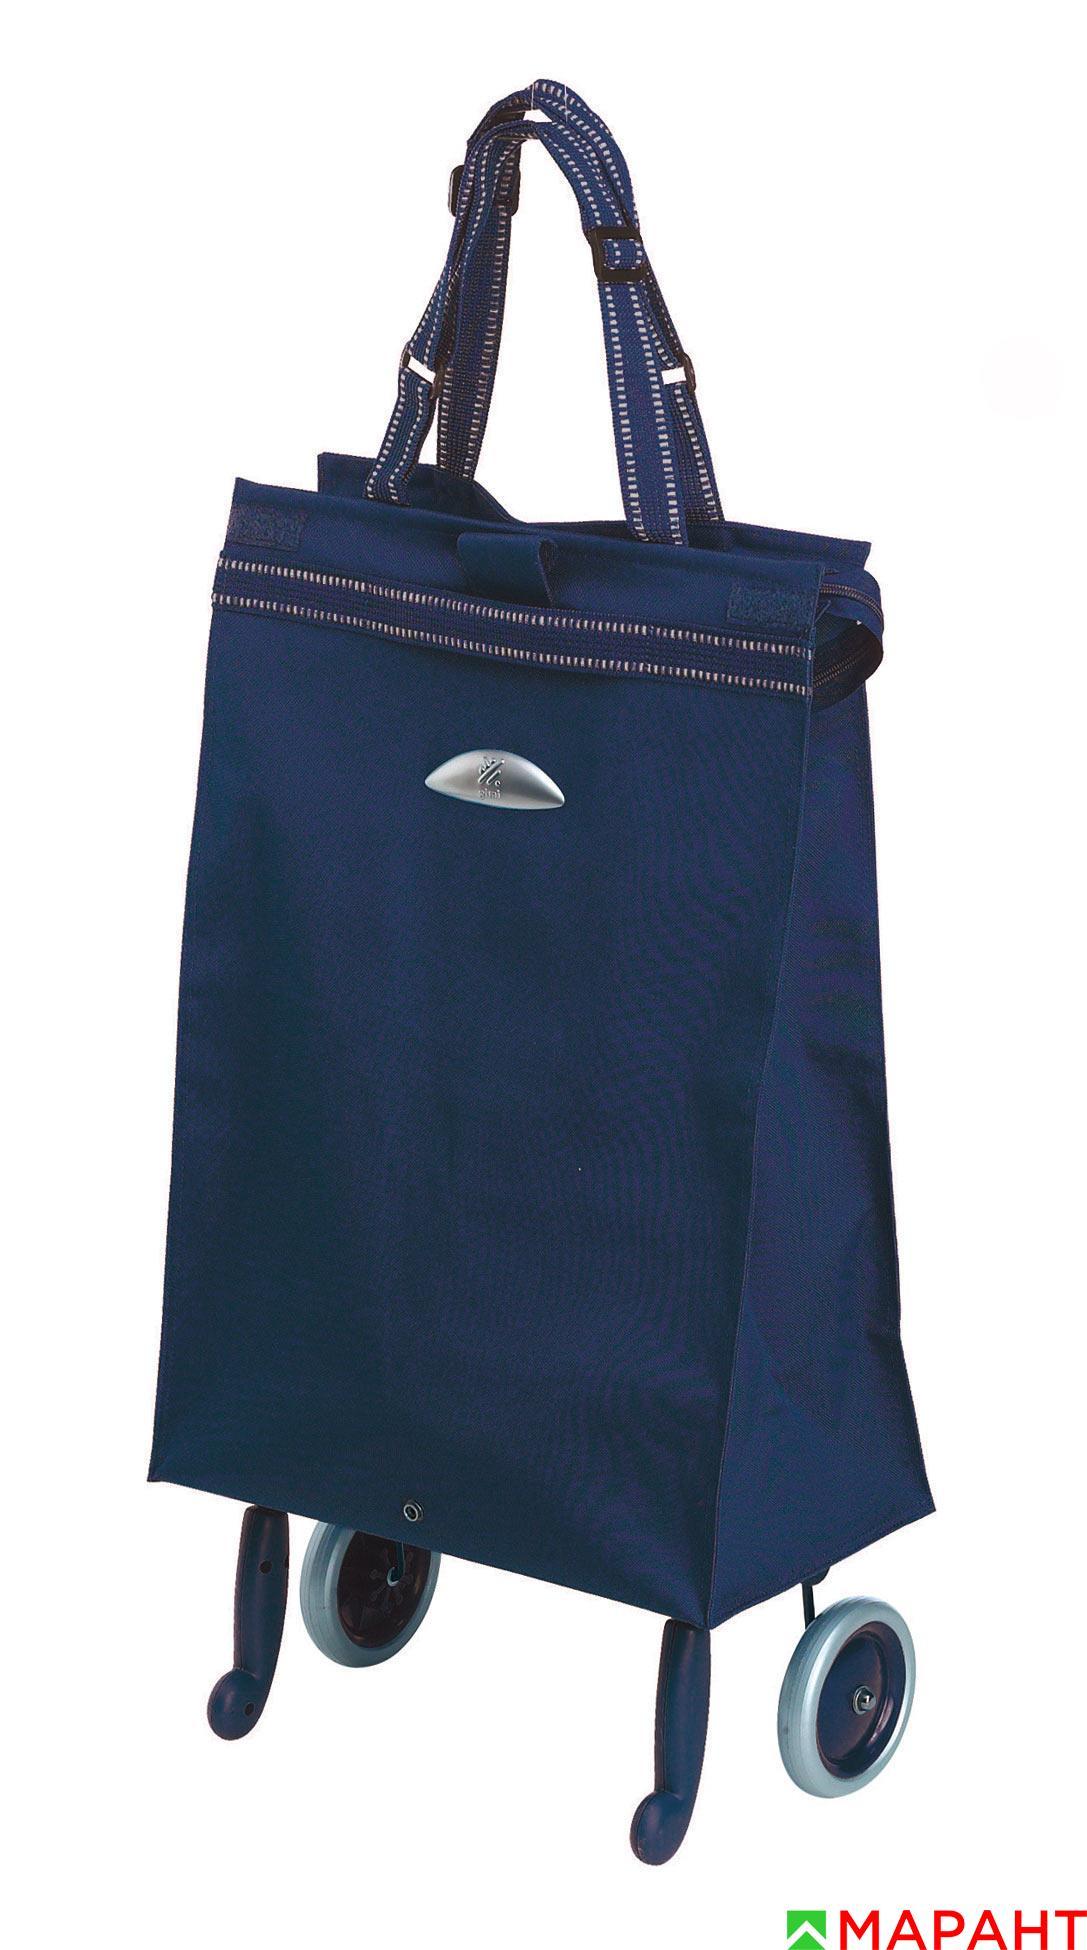 Прайс лист сумки хозяйственные купить ставропольский край red fox рюкзаки купить